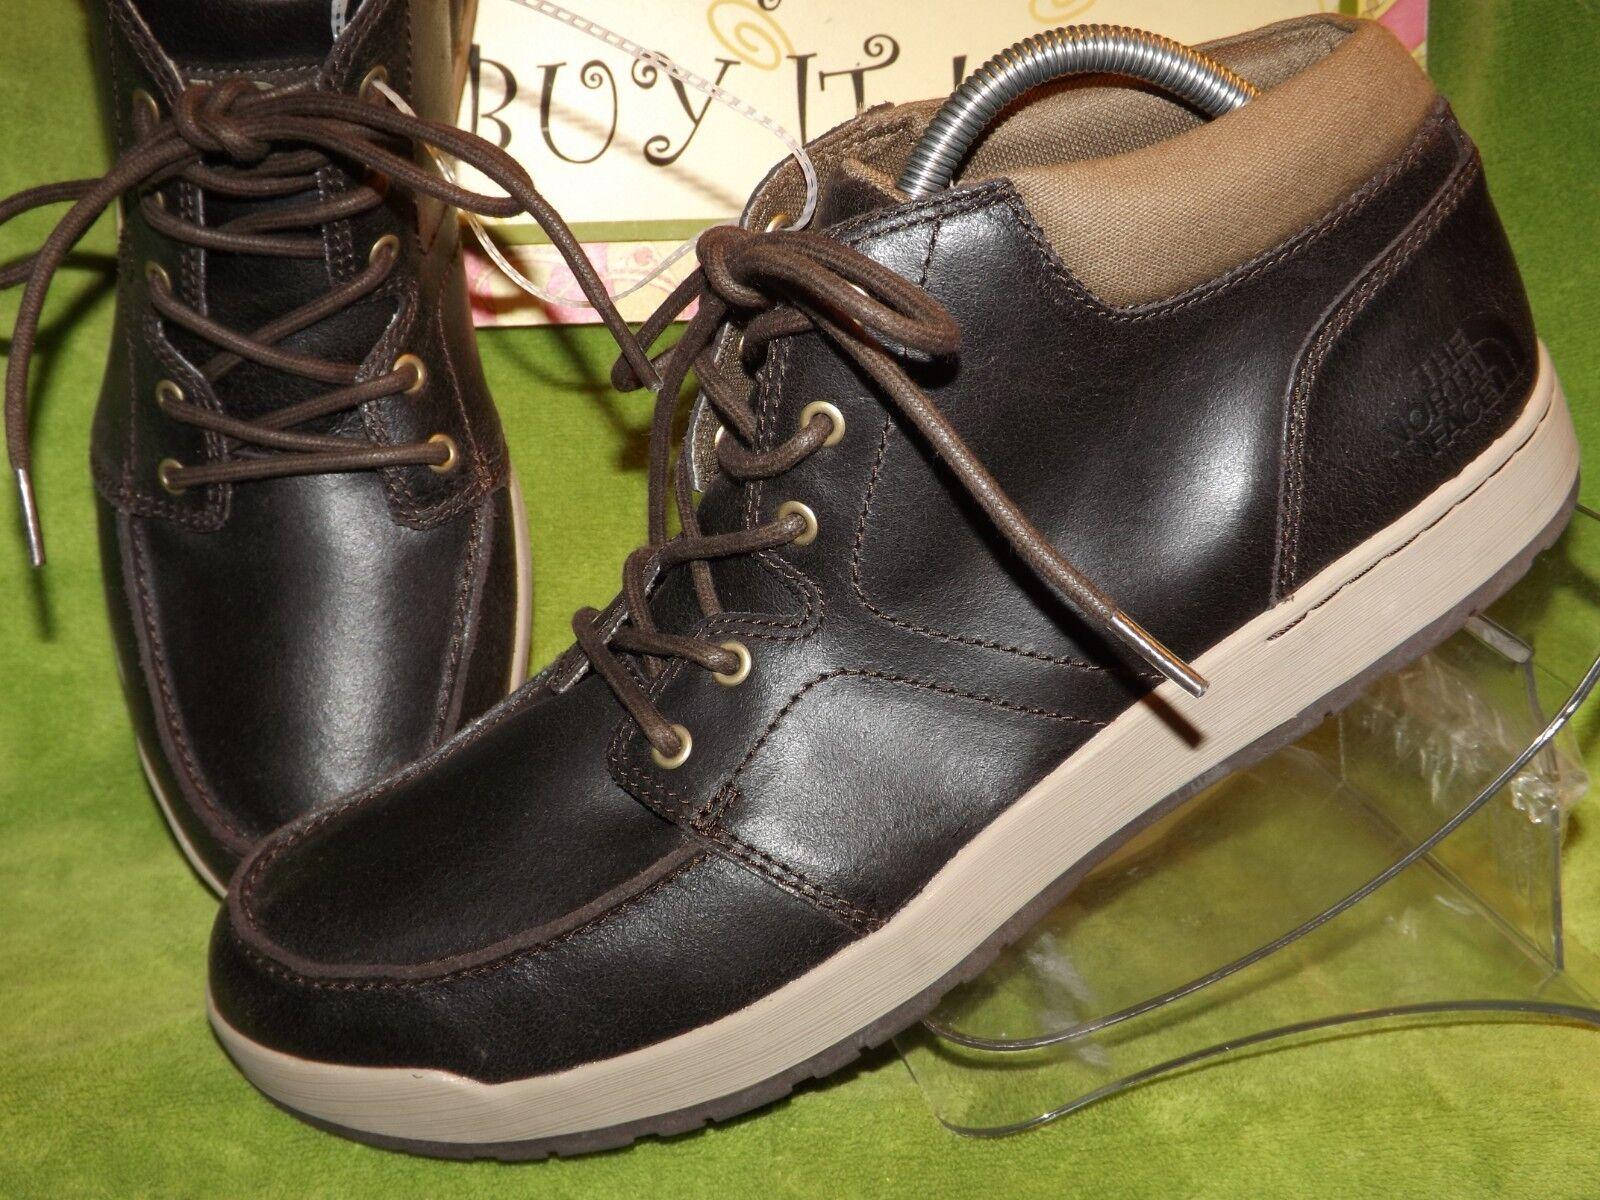 Las botas de alto tobillo de la face Norte, Ballard Evo chukka, talla 13m  nwob